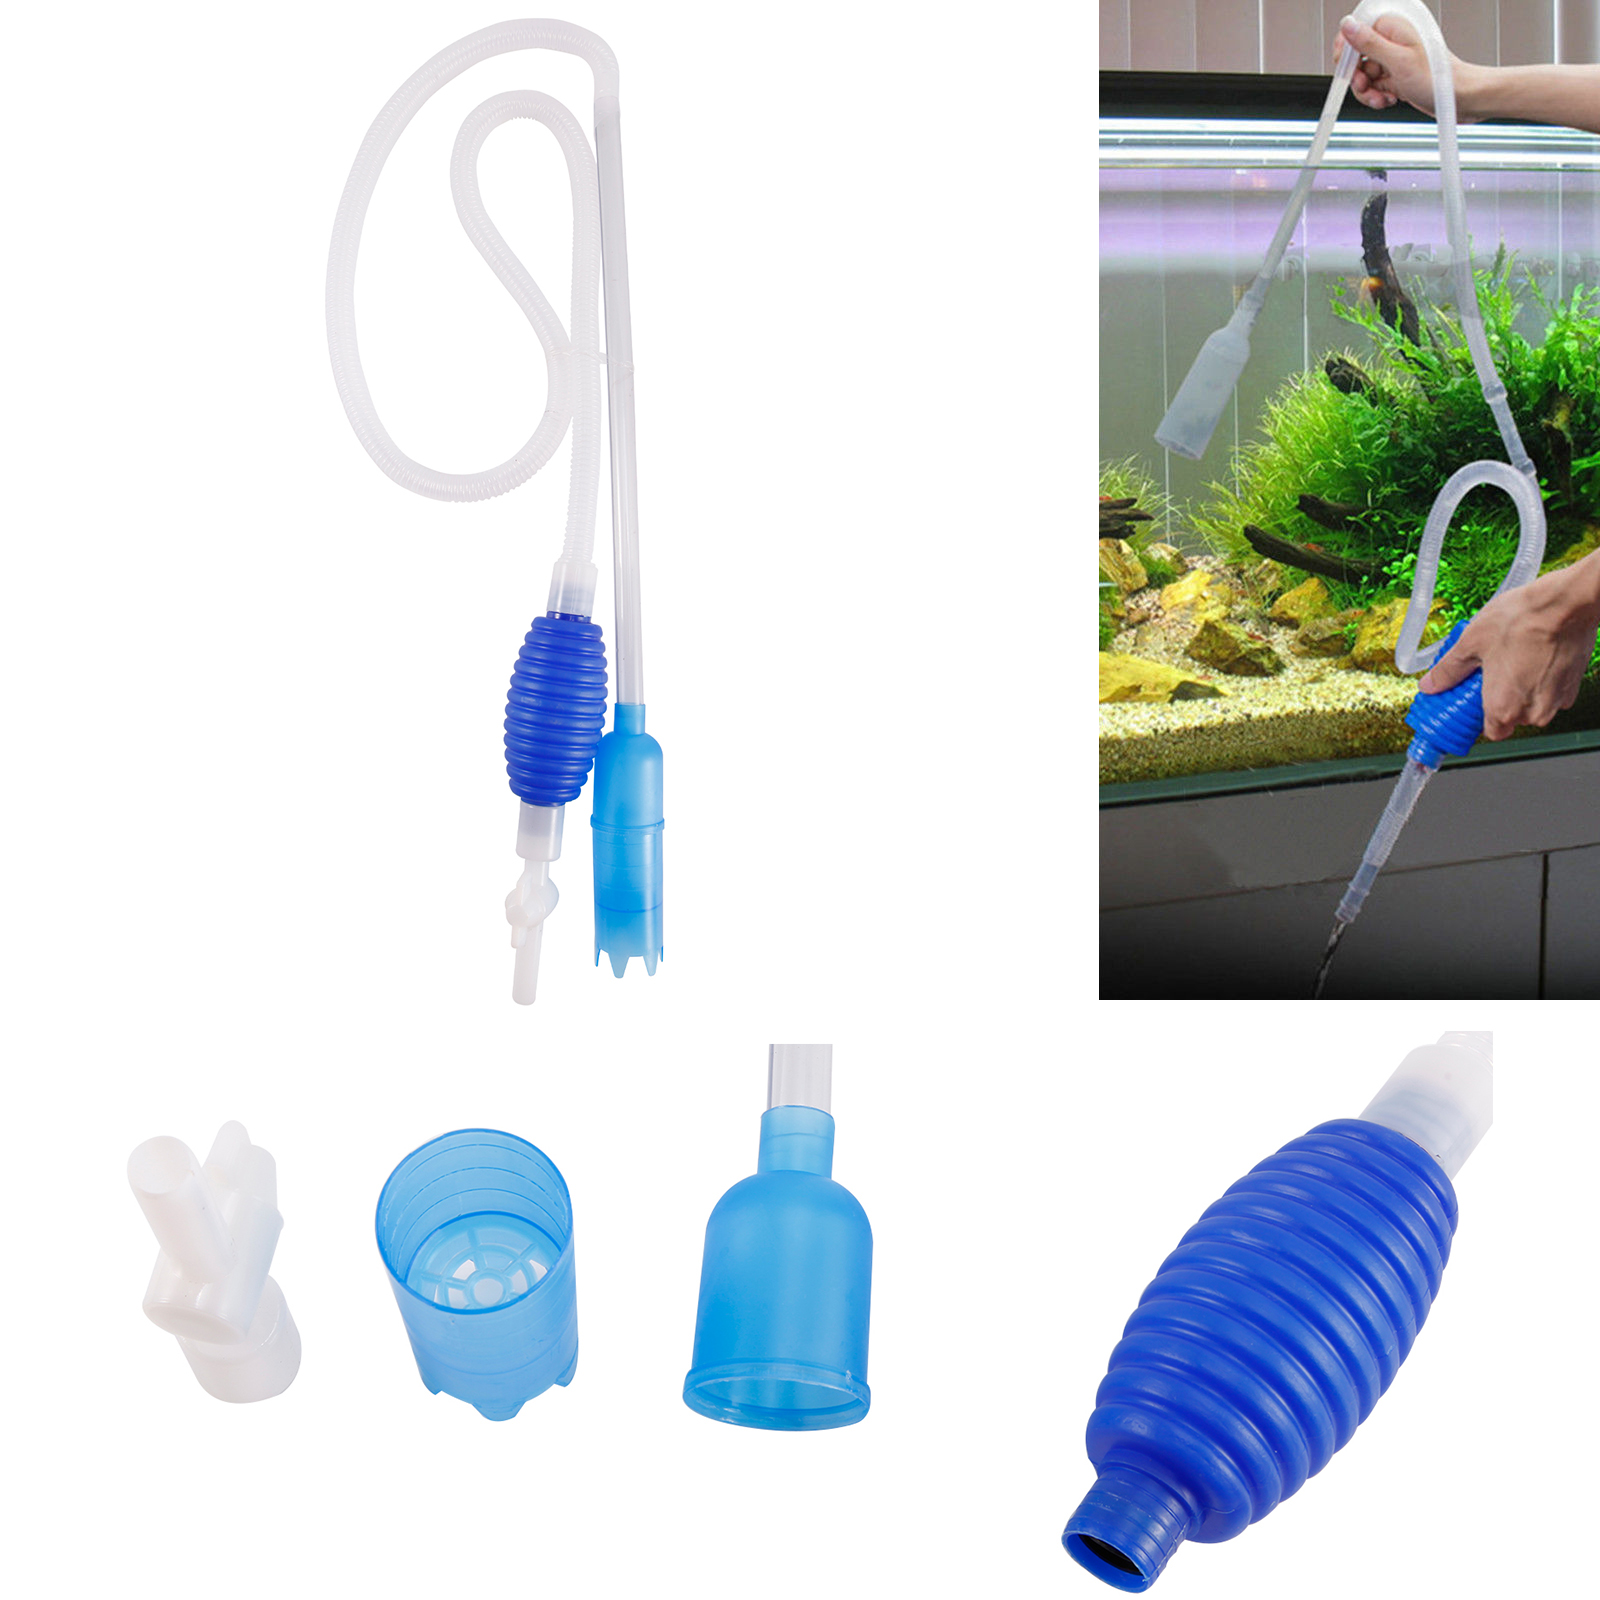 siphon pompe a eau manuel tuyau aspirateur nettoyeur vide gravier aquarium ebay. Black Bedroom Furniture Sets. Home Design Ideas